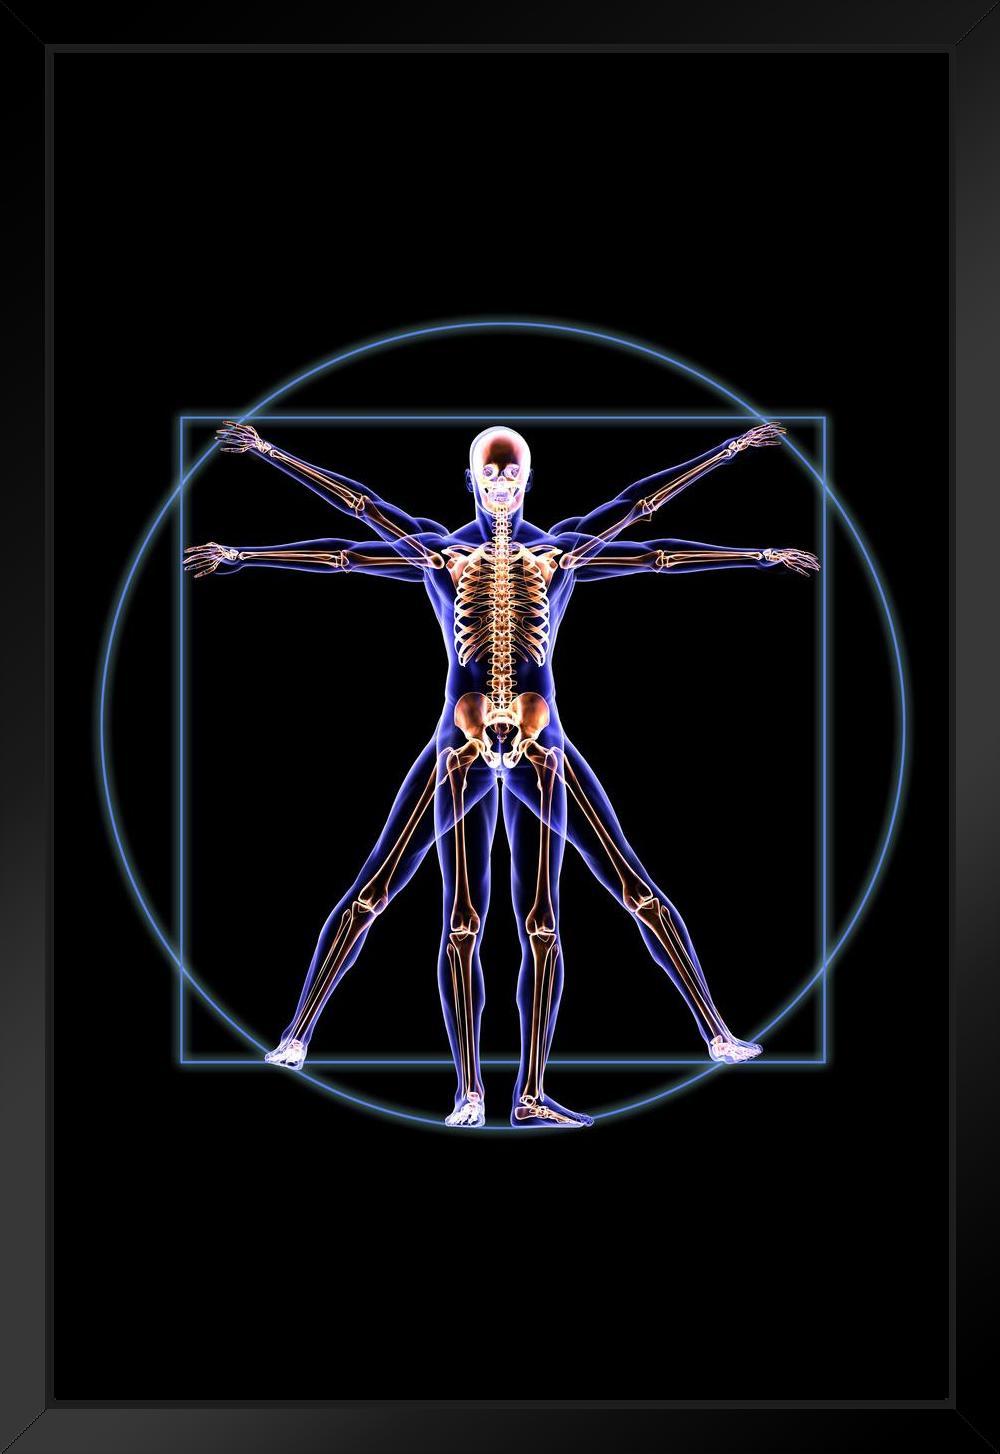 Vitruvian Man Skeleton Anatomy X Ray Photo By Proframes Framed